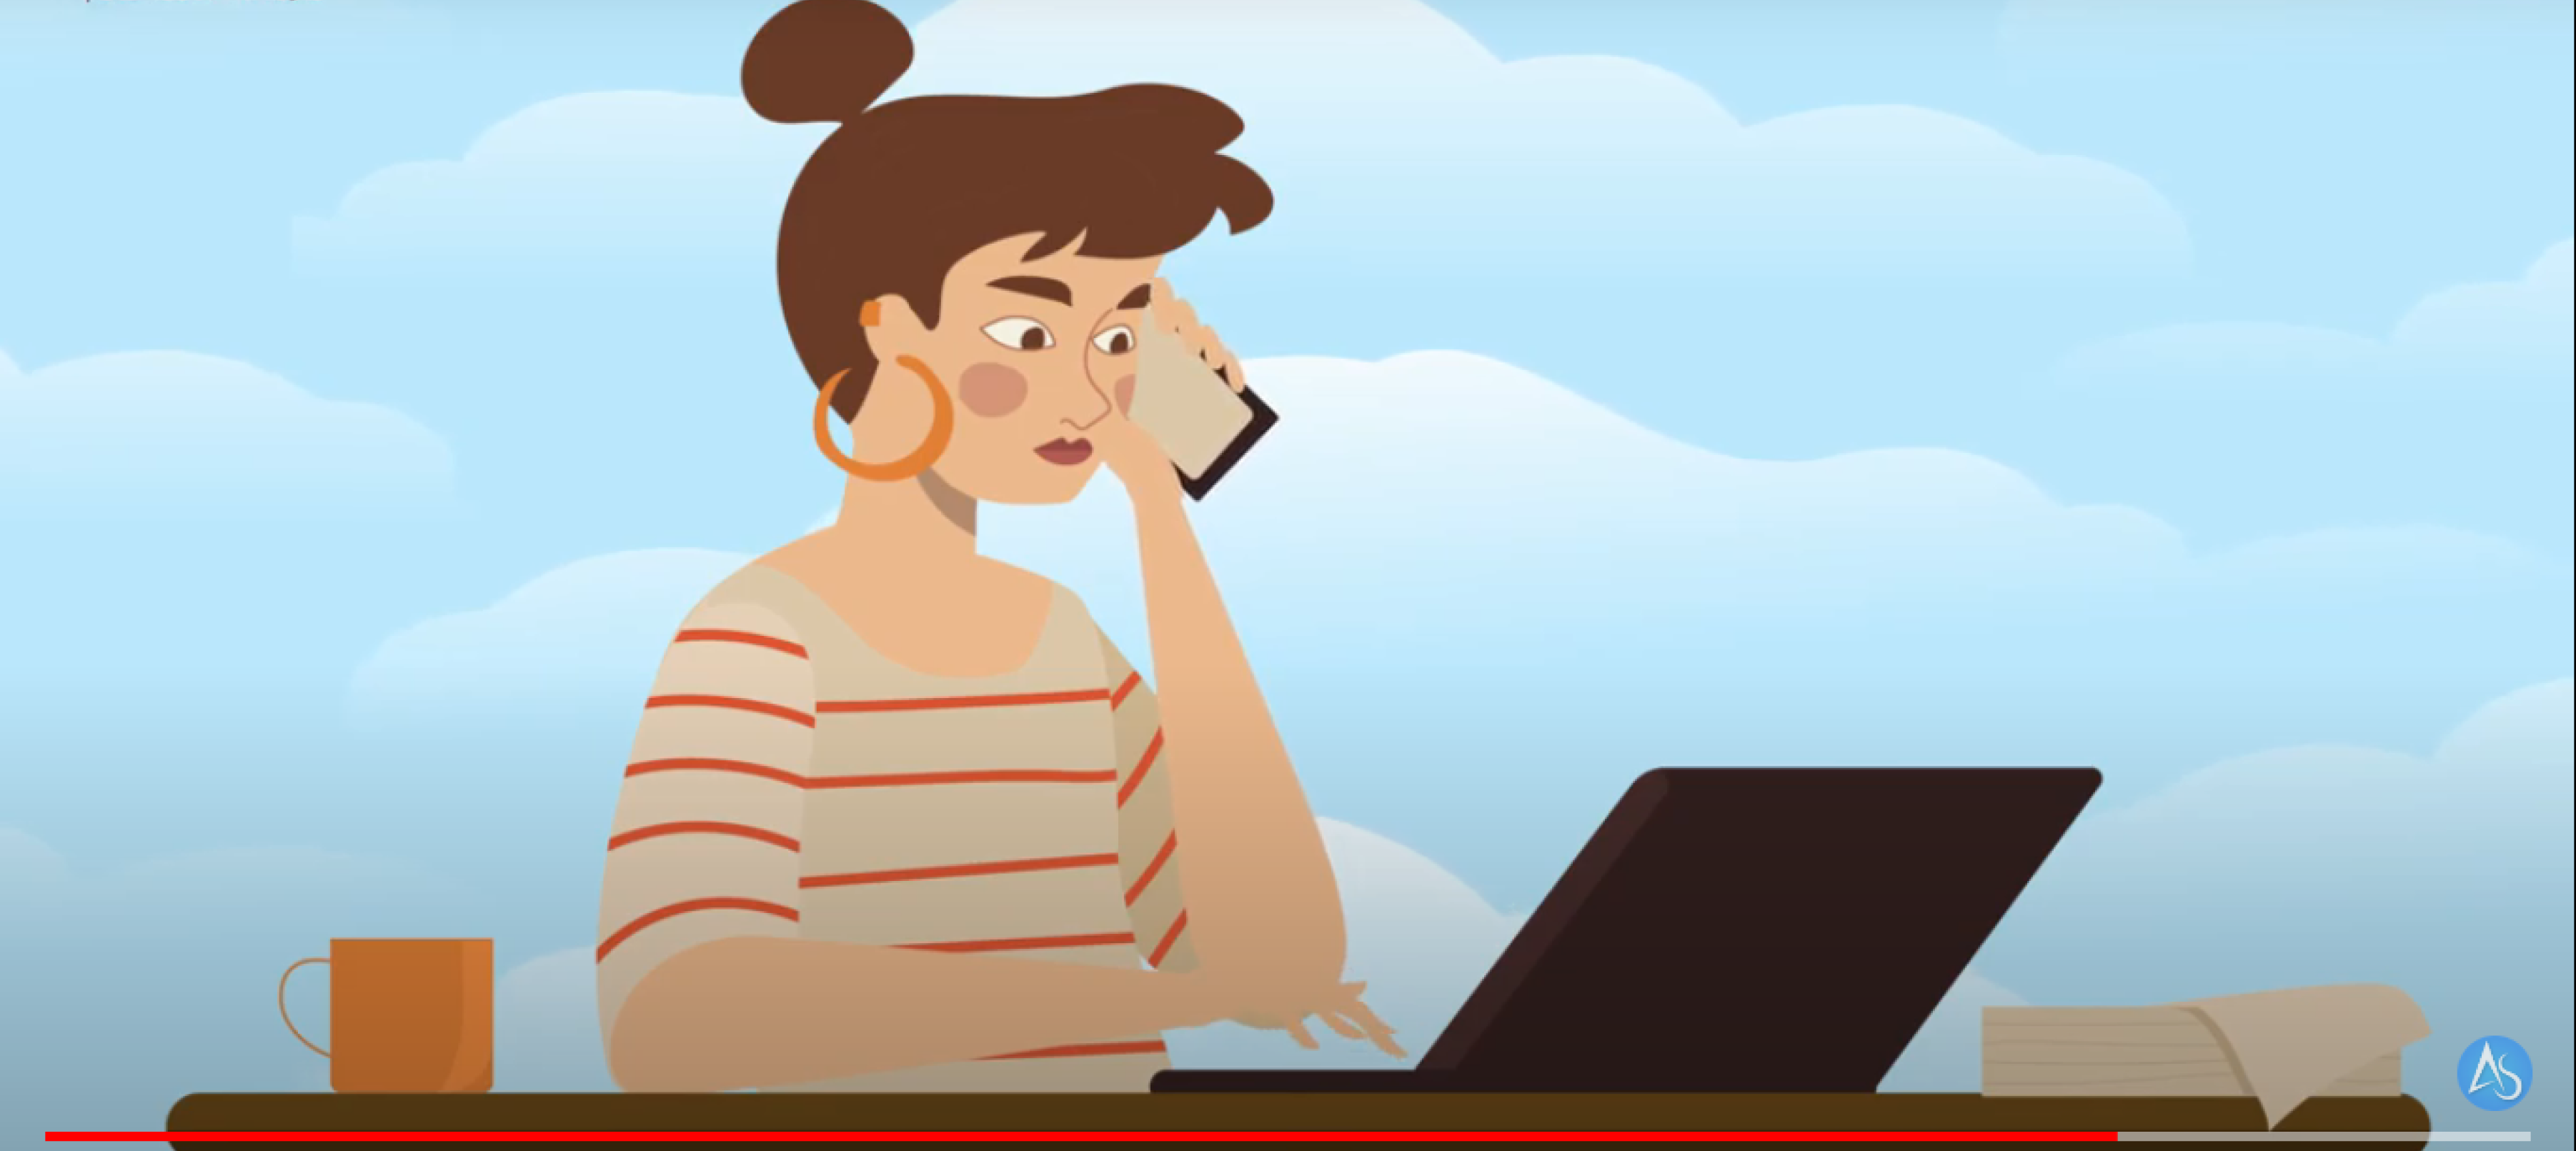 סרטון תדמית לעסק בעלות נינמלית ללא צורך בצילום עם קריינות.